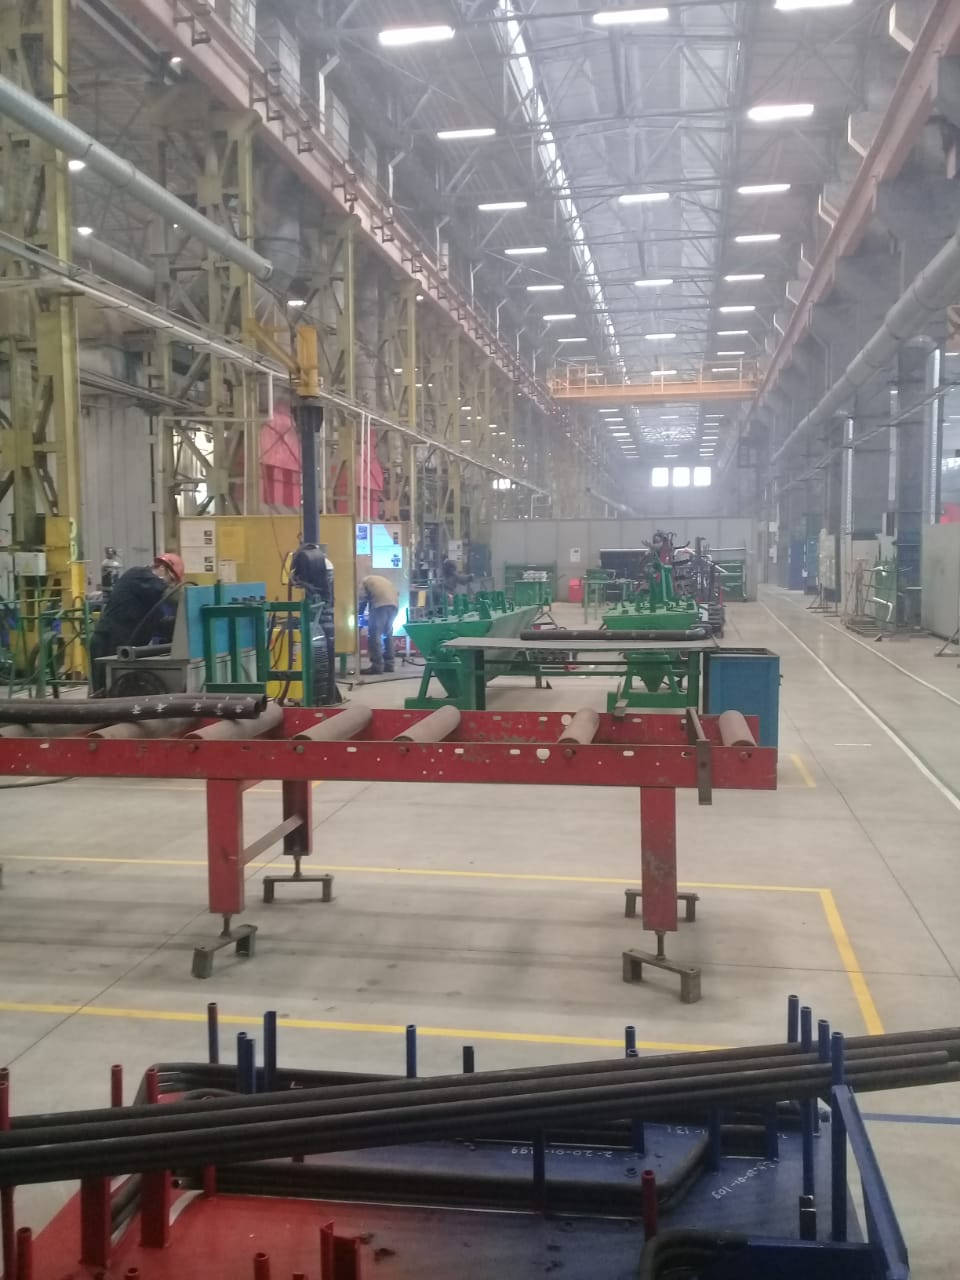 جولة لليوم السابع بمصنع جرارات السكة الحديد الروسى (26)